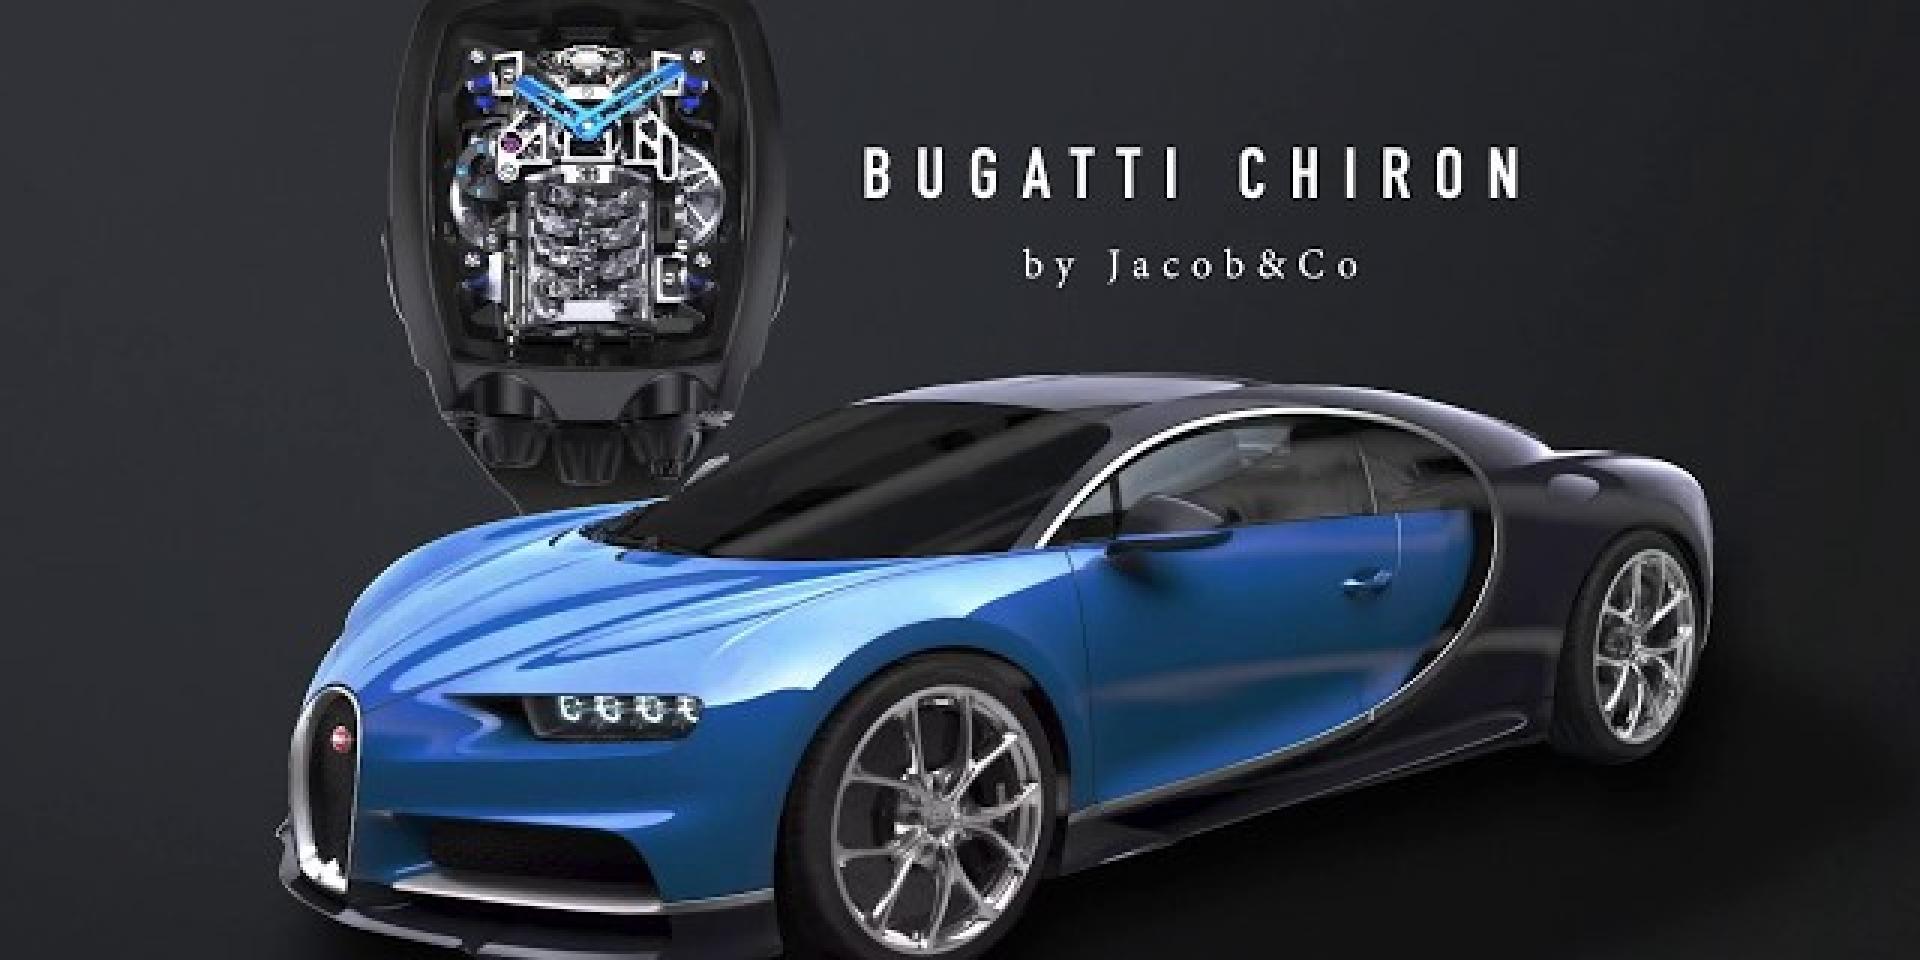 840萬,把Bugatti W16引擎戴在手上!Jacob & Co. Bugatti Chiron Tourbillon陀飛輪腕錶貴氣、限量、磅礡登場!